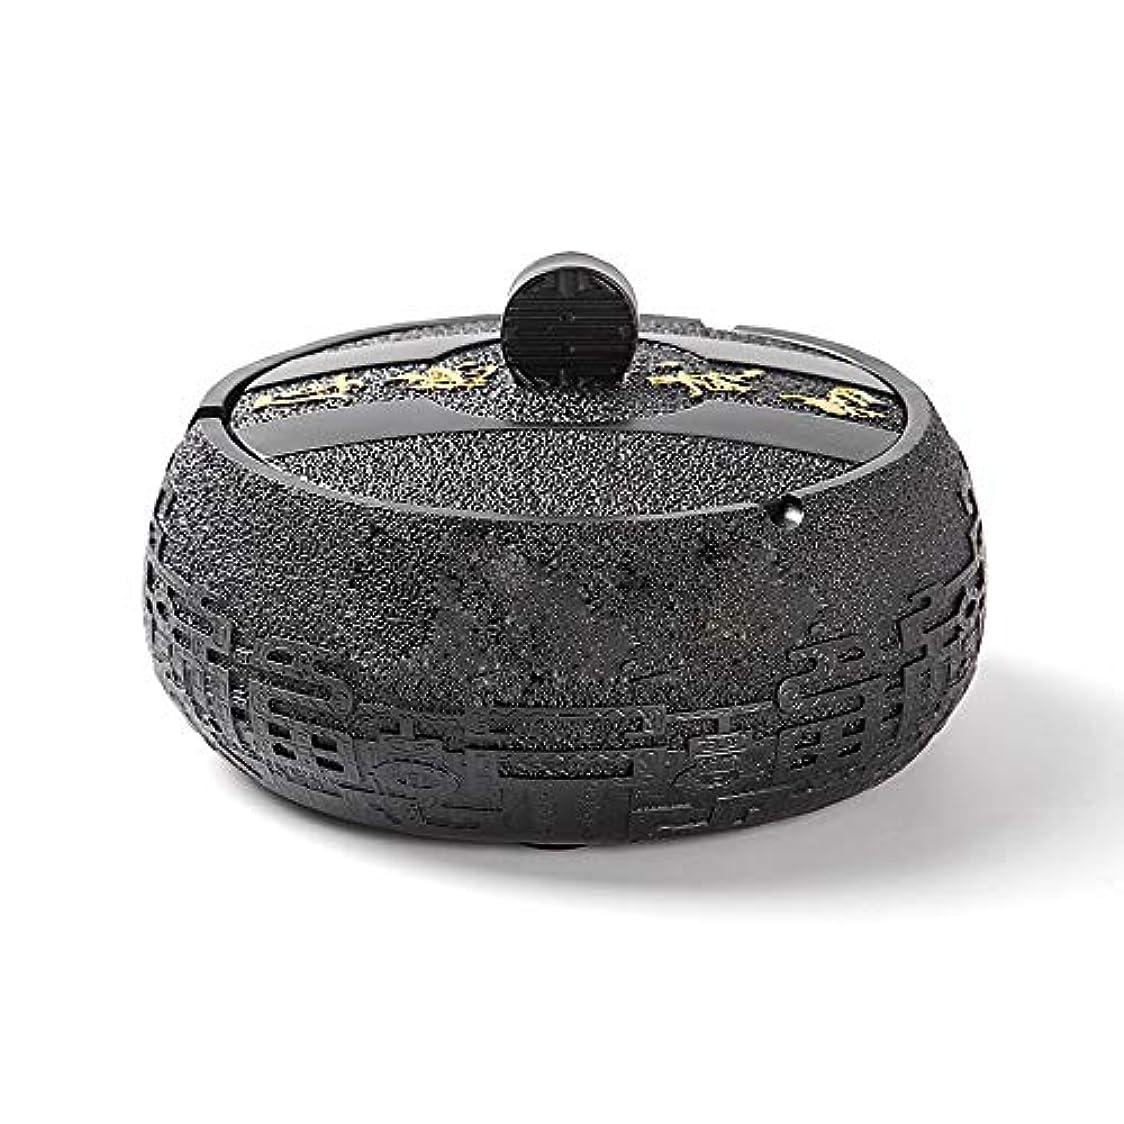 メタルラインびっくりするデータベースタバコ、ギフトおよび総本店の装飾のための円形の光沢のある環境に優しい樹脂の灰皿 (色 : 黒)